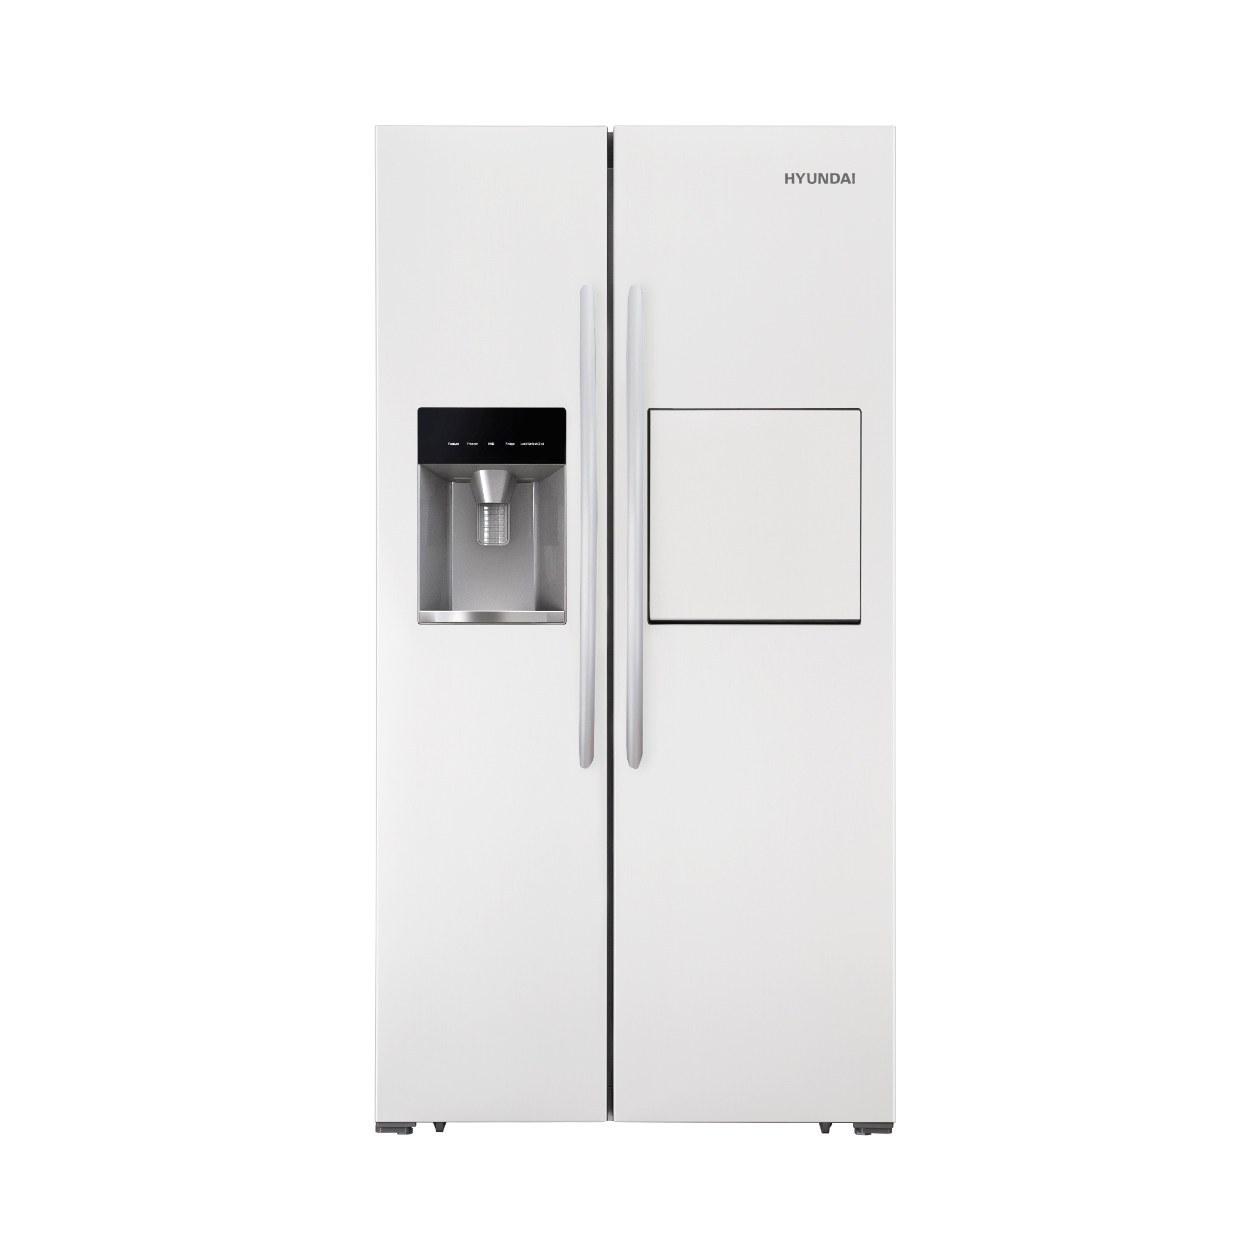 تصویر یخچال و فریز ساید بای ساید هیوندای مدل HSBS-3022 W Hyundai HSBS-3022 W Side by Side Refrigerator-Freezer